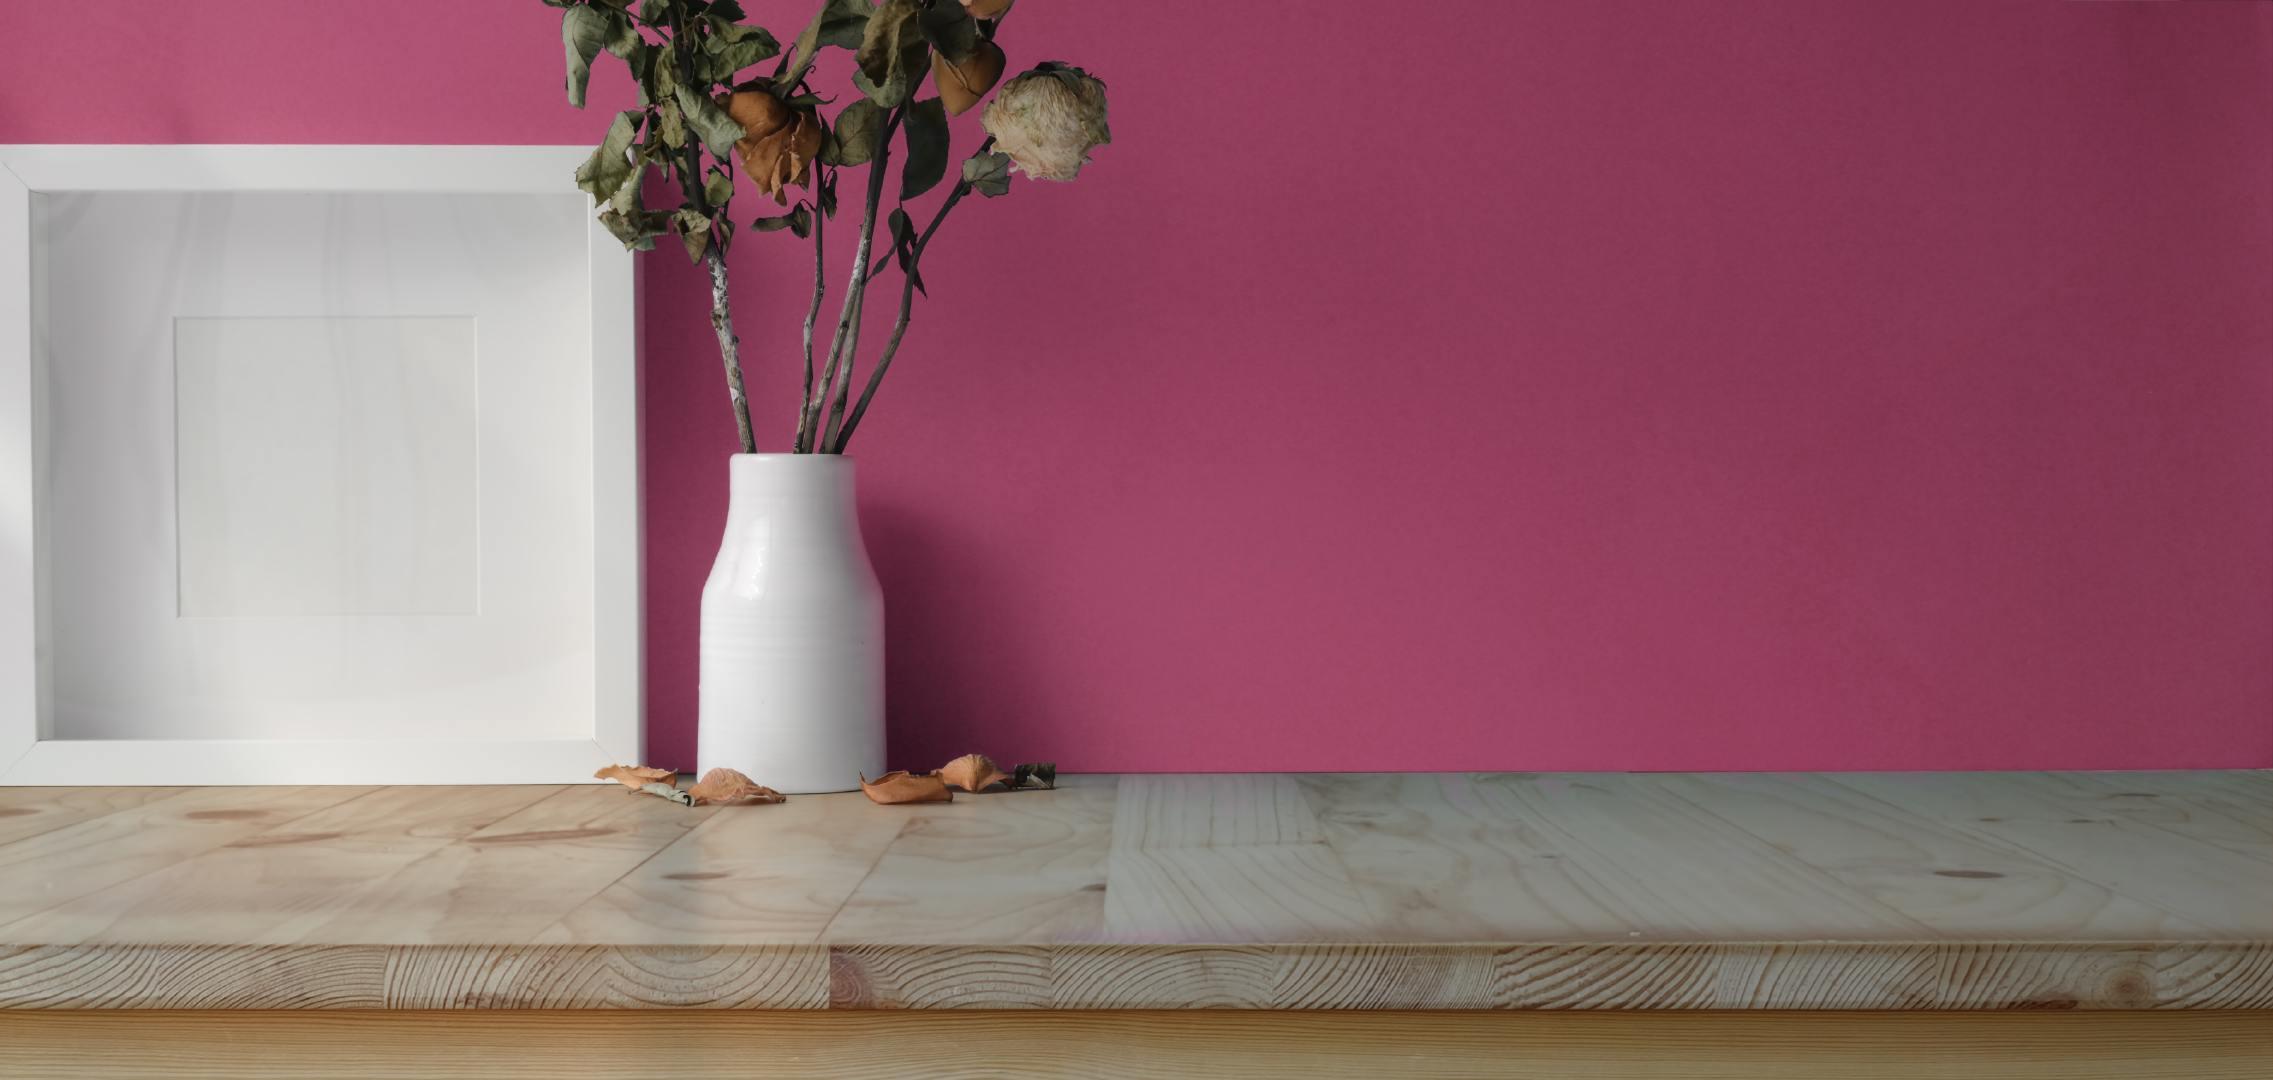 日式桌子上的小清新白色画框高清图集